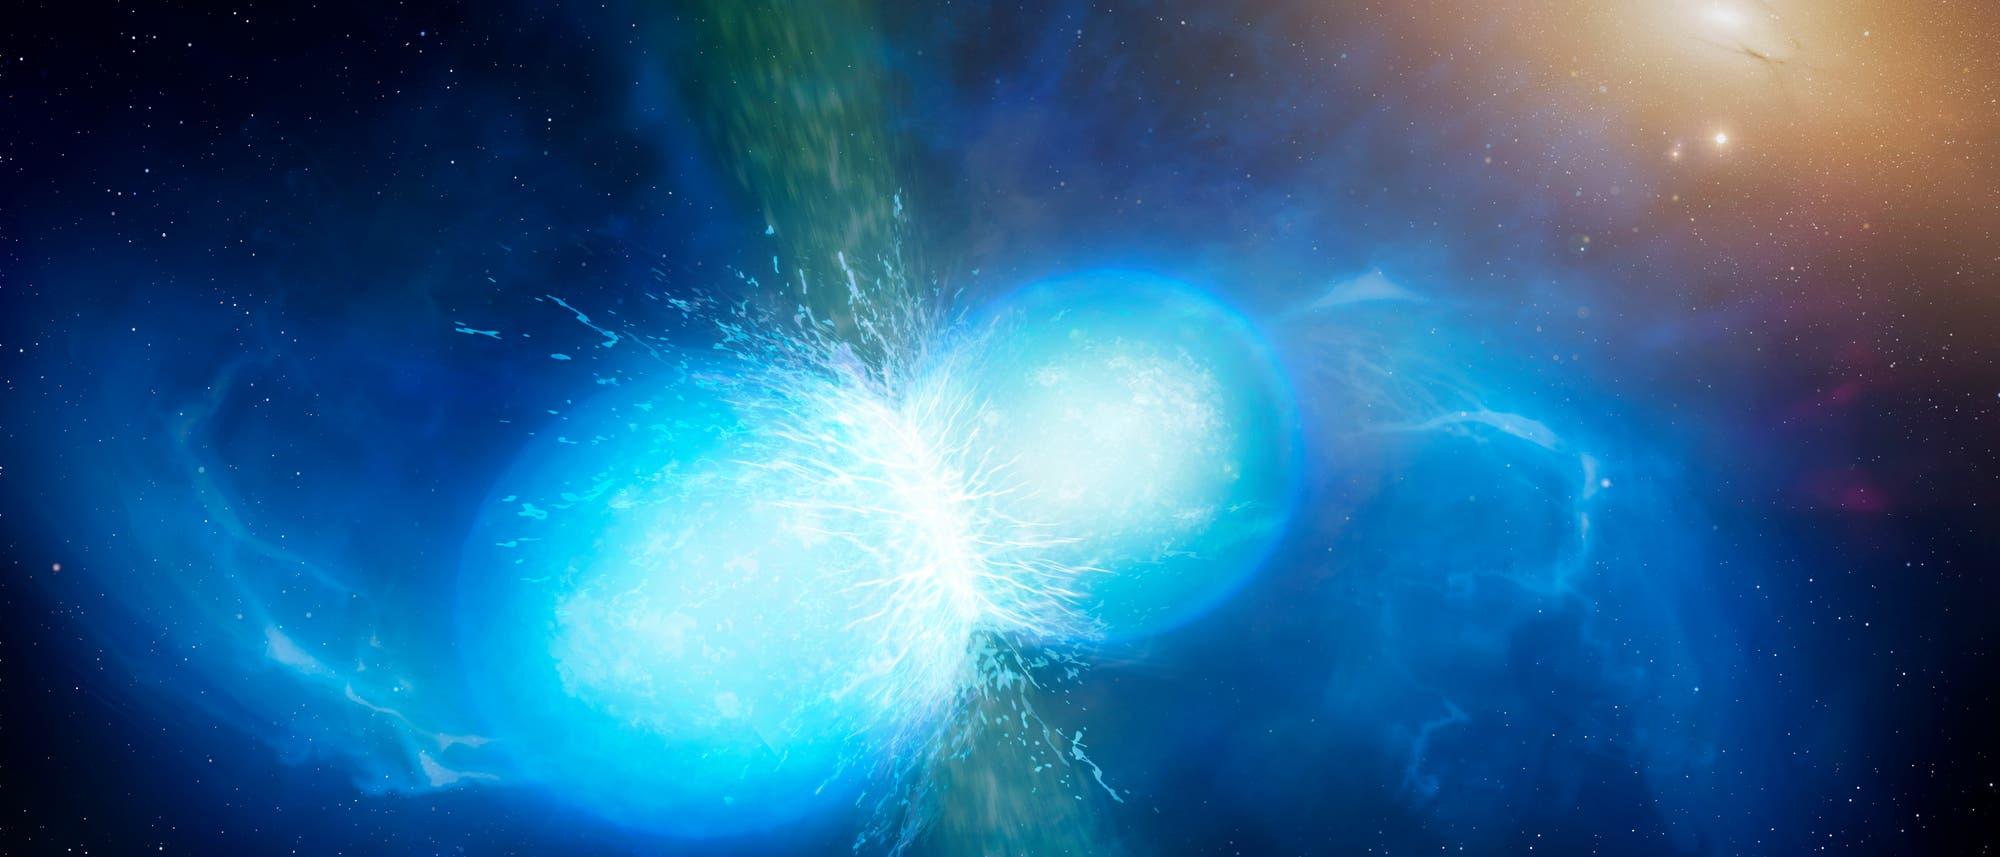 Künstlerische Darstellung verschmelzender Neutronensterne